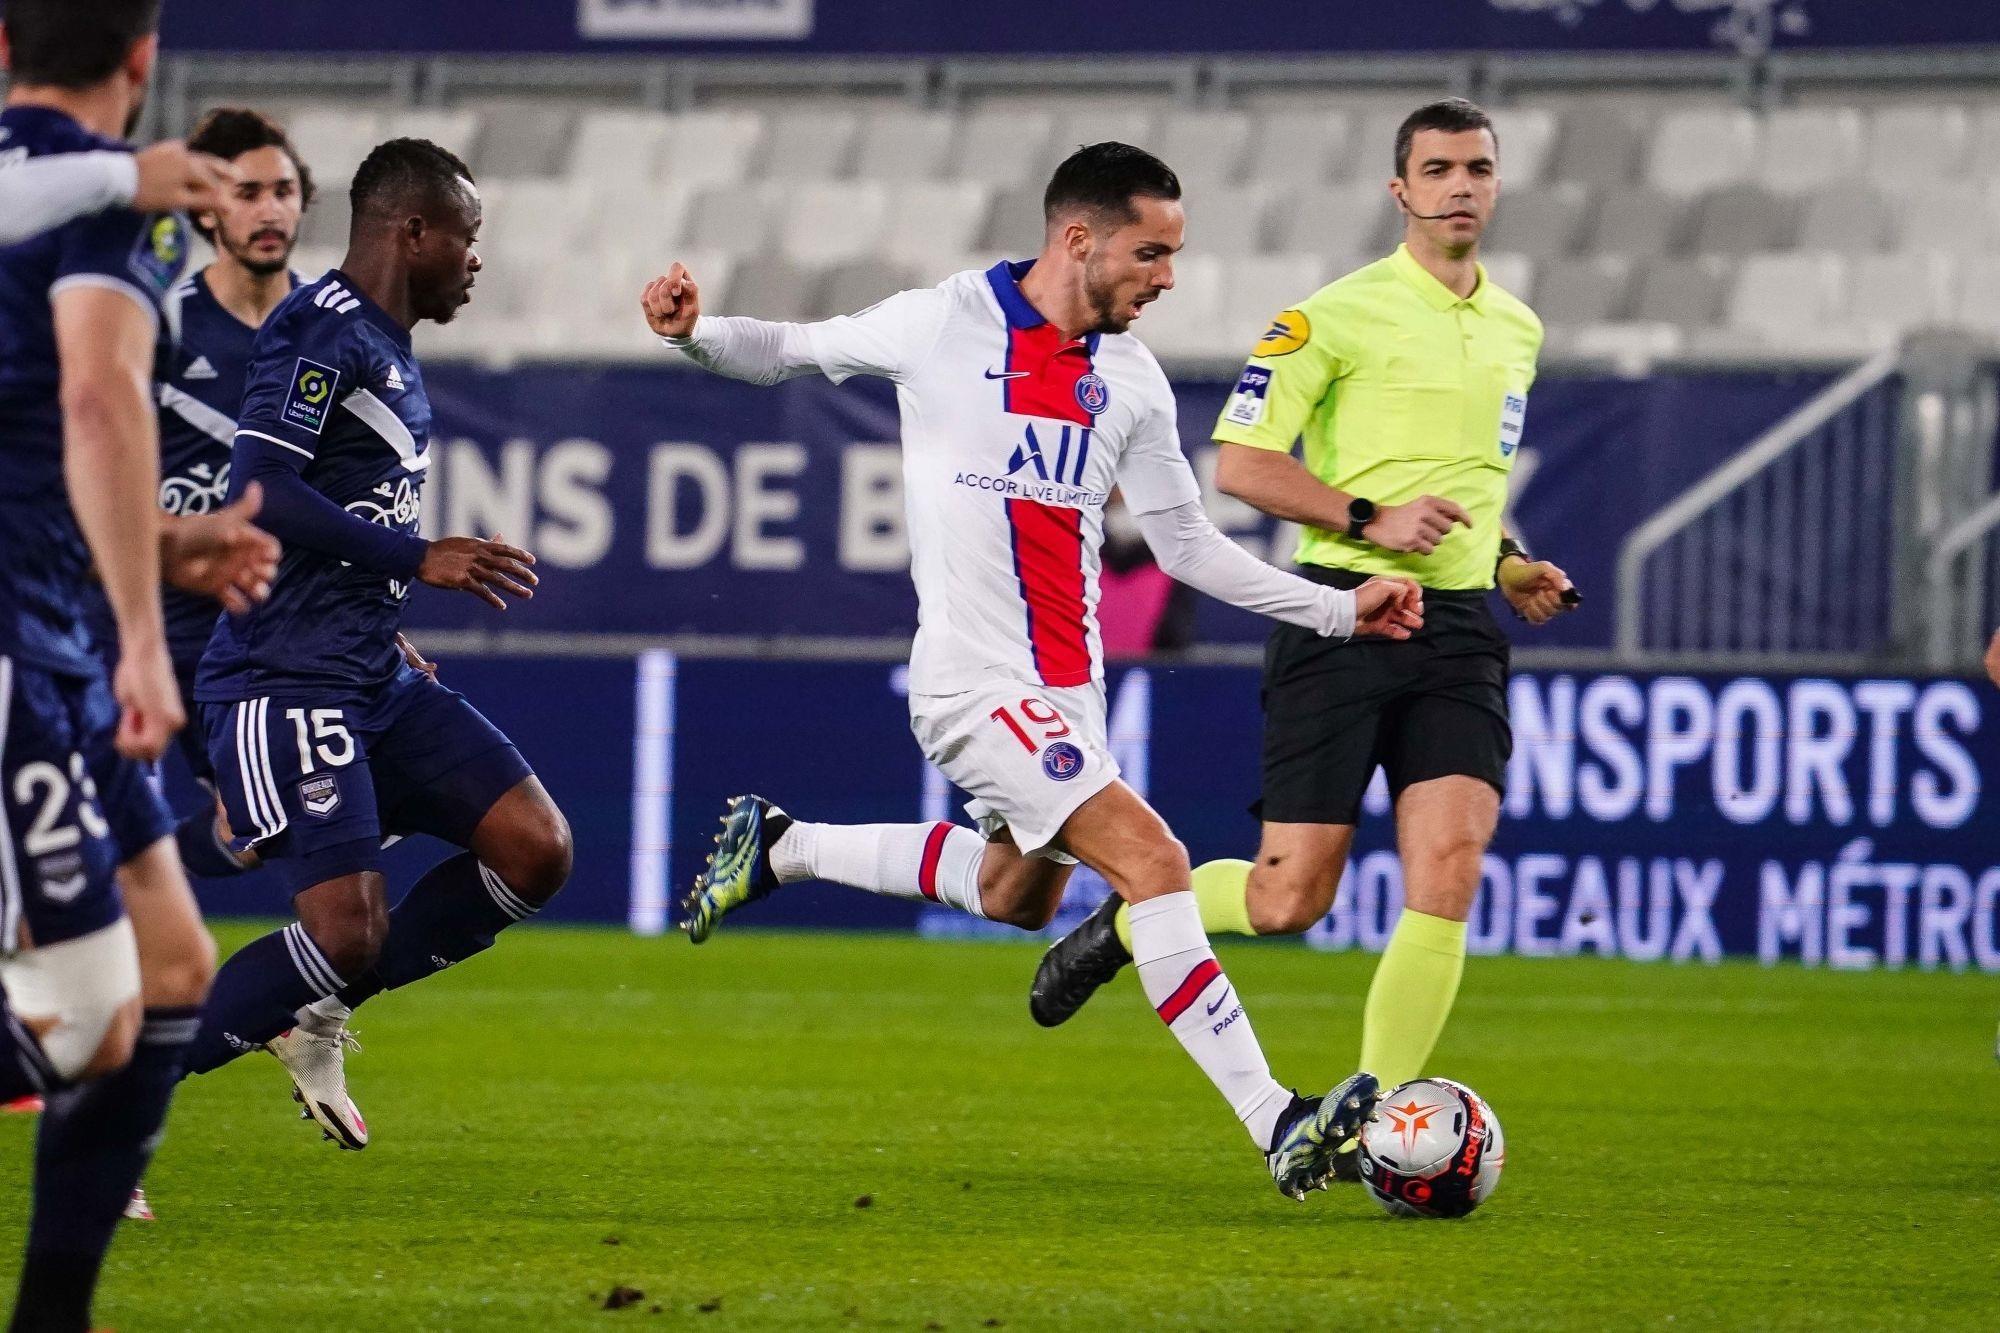 Résumé Bordeaux/PSG (0-1) - La vidéo du but et des temps forts du match